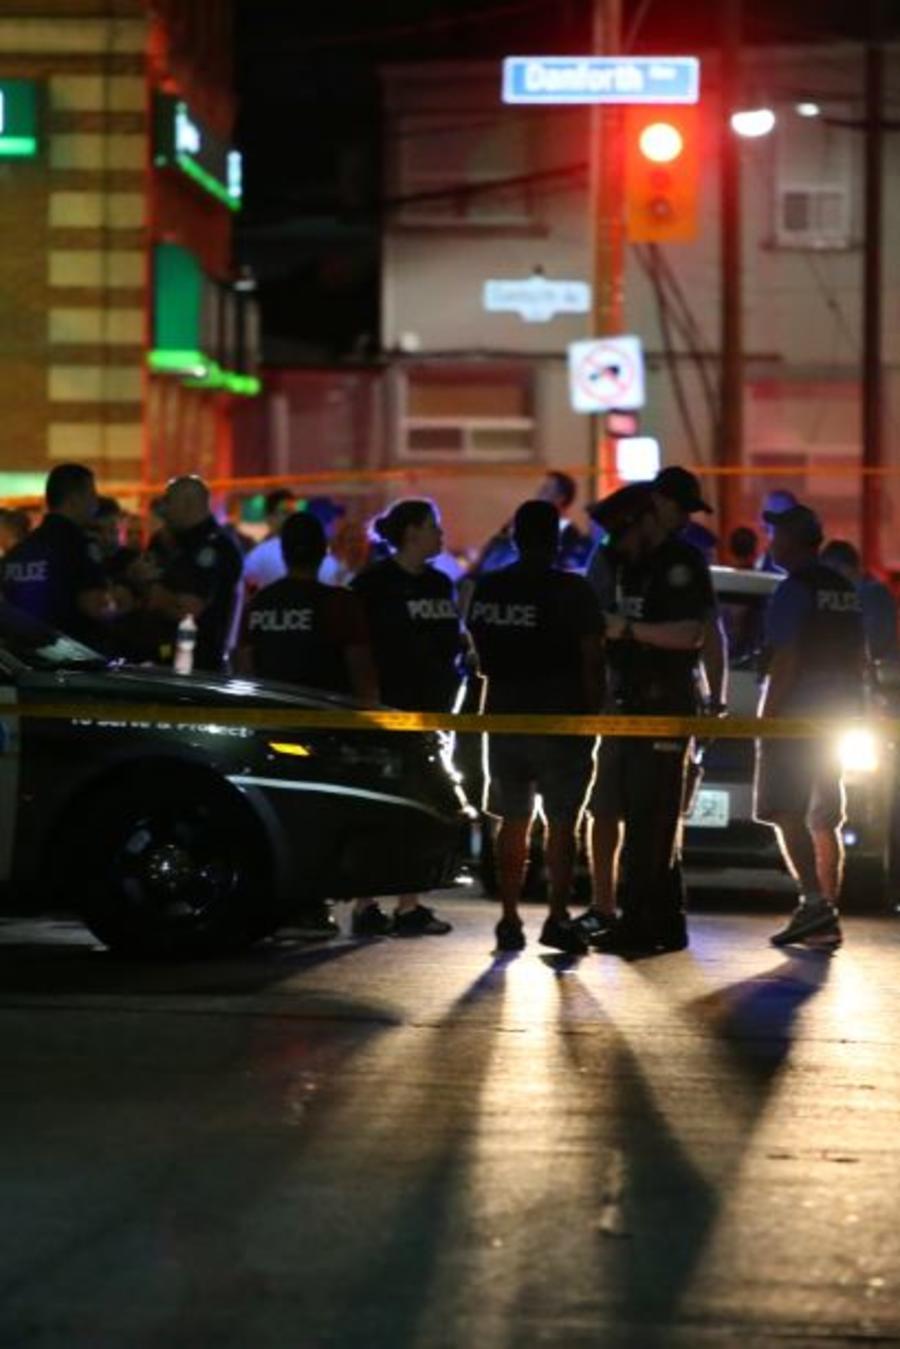 La policía acordona el área donde se ha producido este domingo por la noche un tiroteo masivo en Toronto.